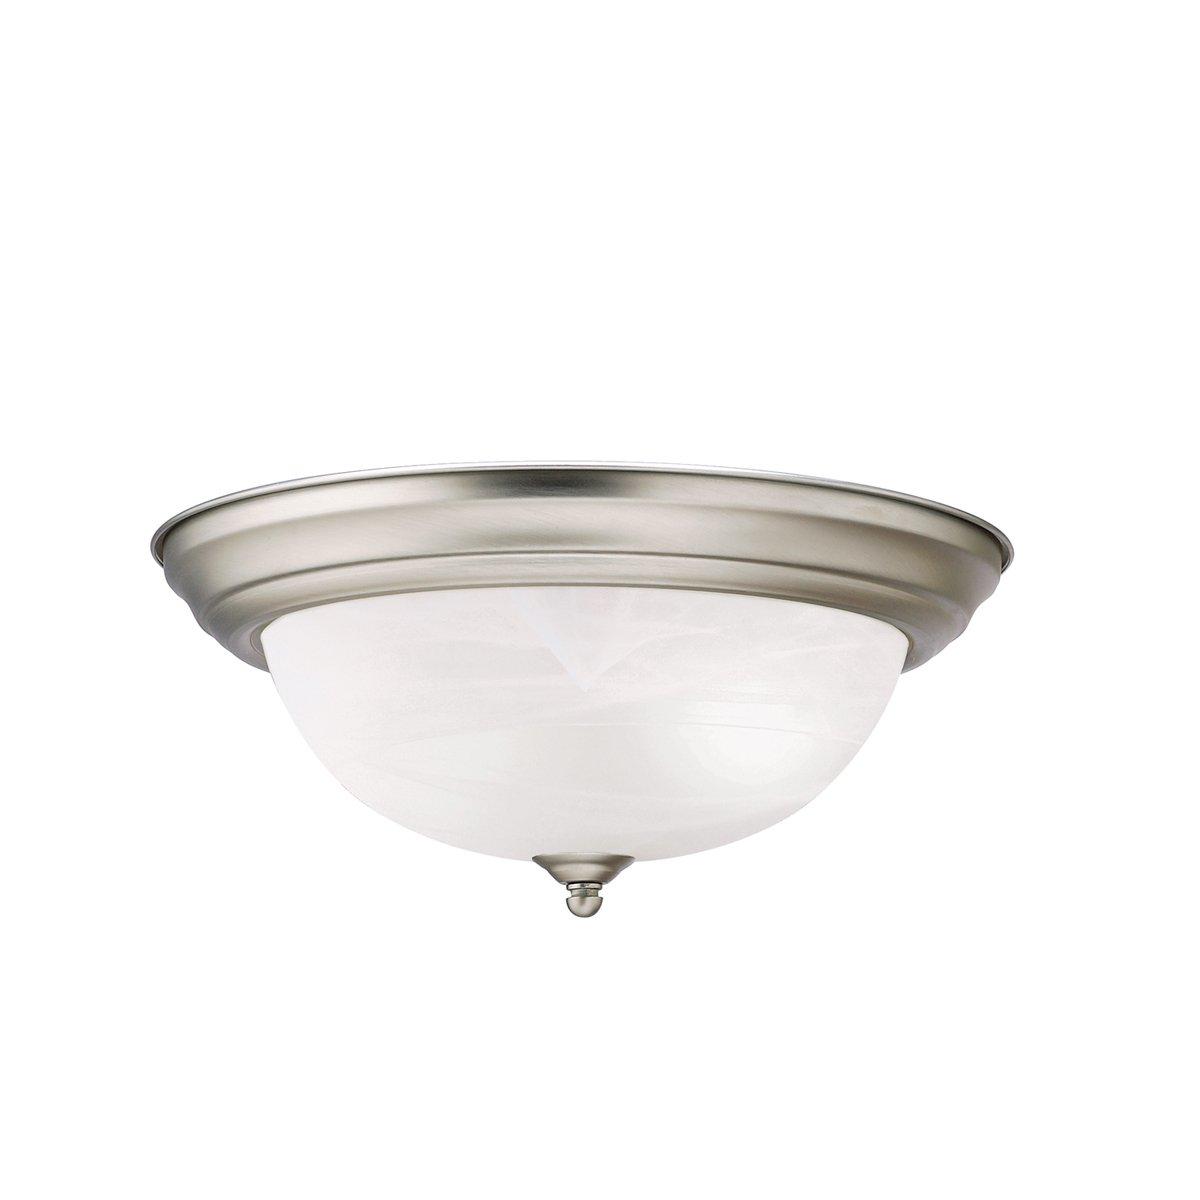 Kichler 8109NI Flush Mount 2-Light, Brushed Nickel